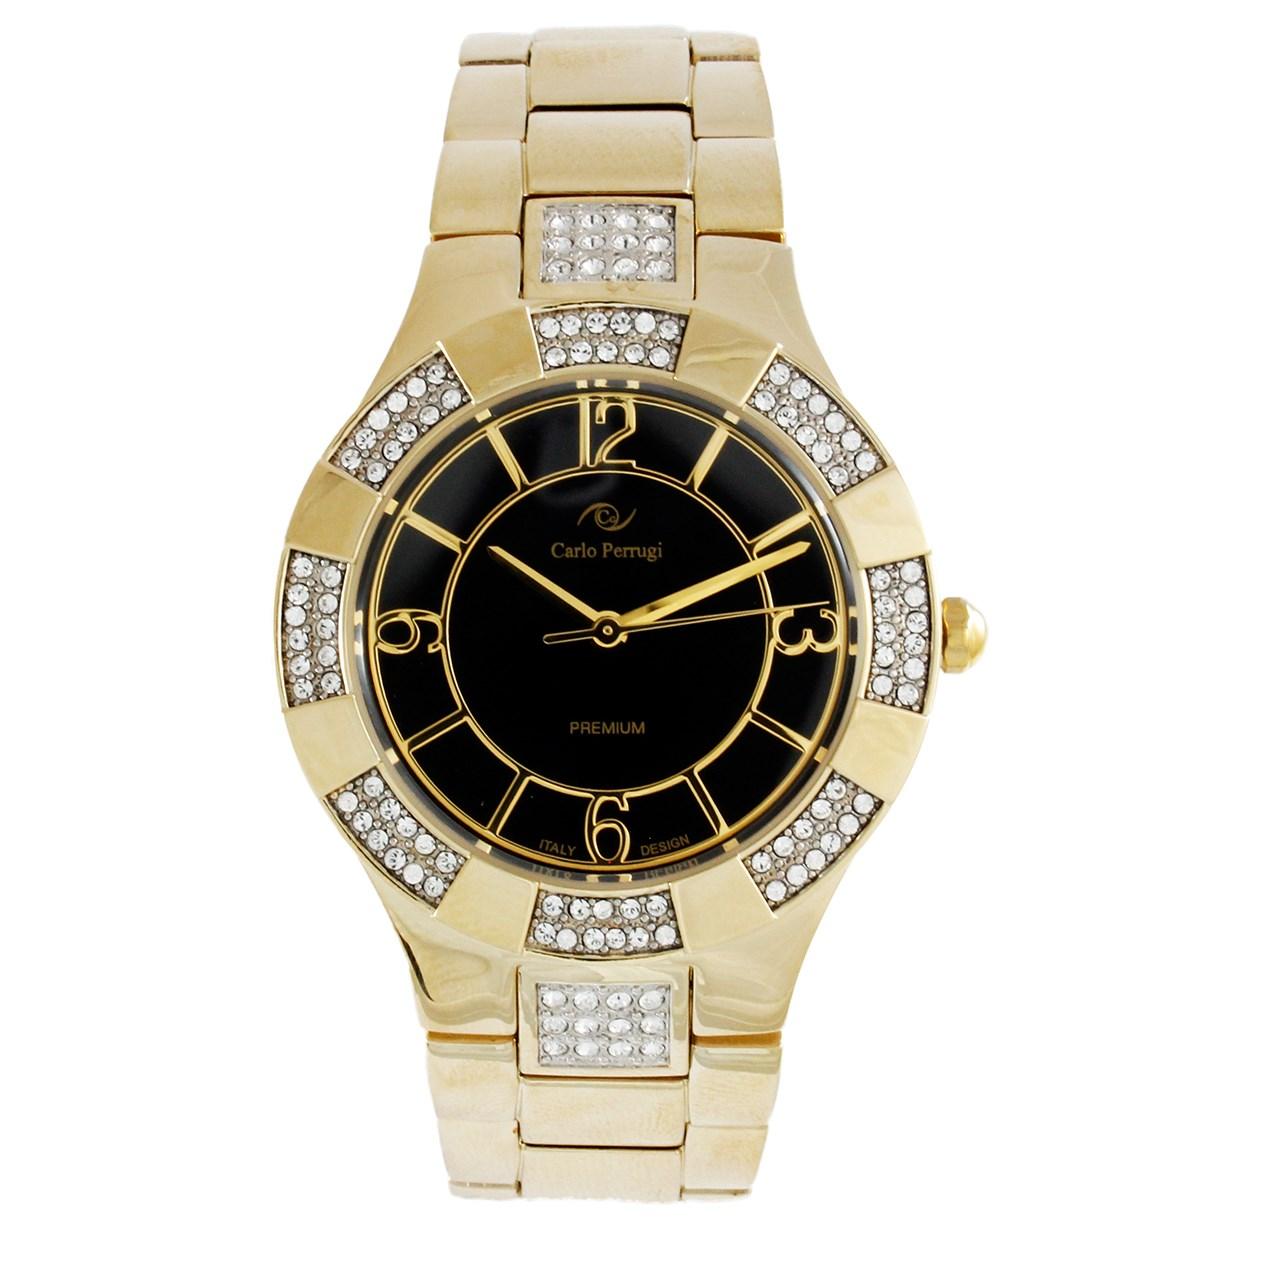 ساعت مچی عقربه ای زنانه کارلو پروجی مدل SL2020-3